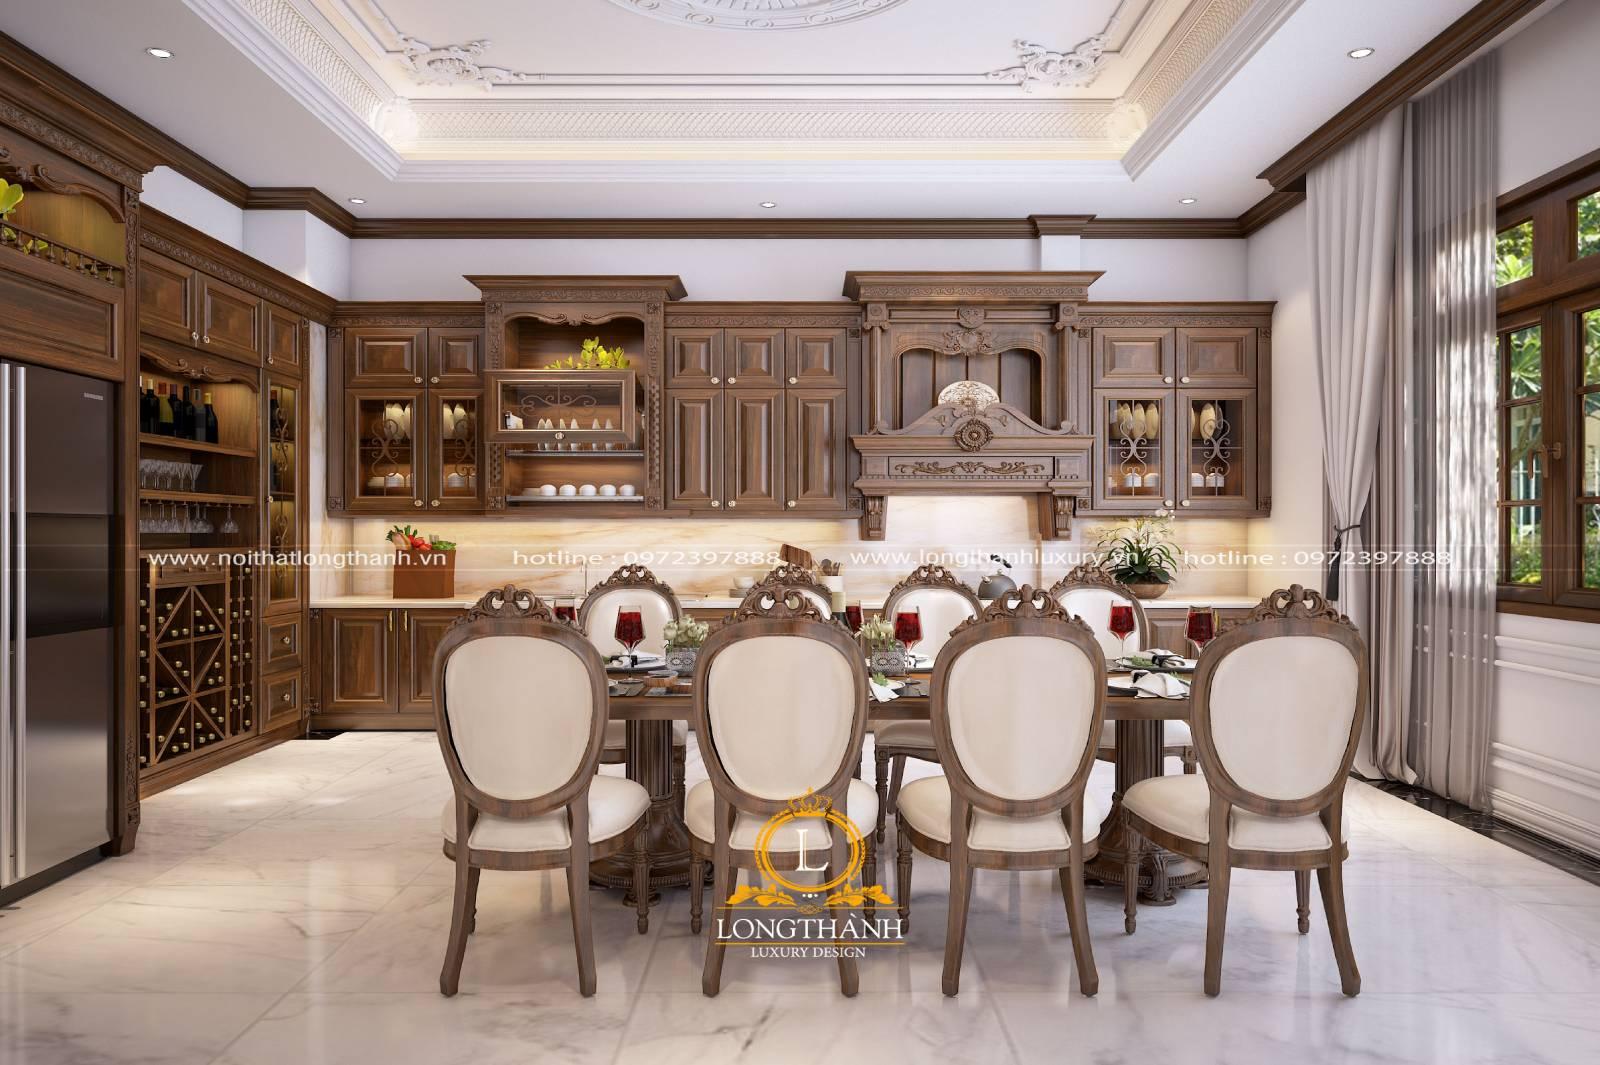 Thiết kế bàn ăn gỗ Sồi theo phong cách tân cổ điển sang trọng